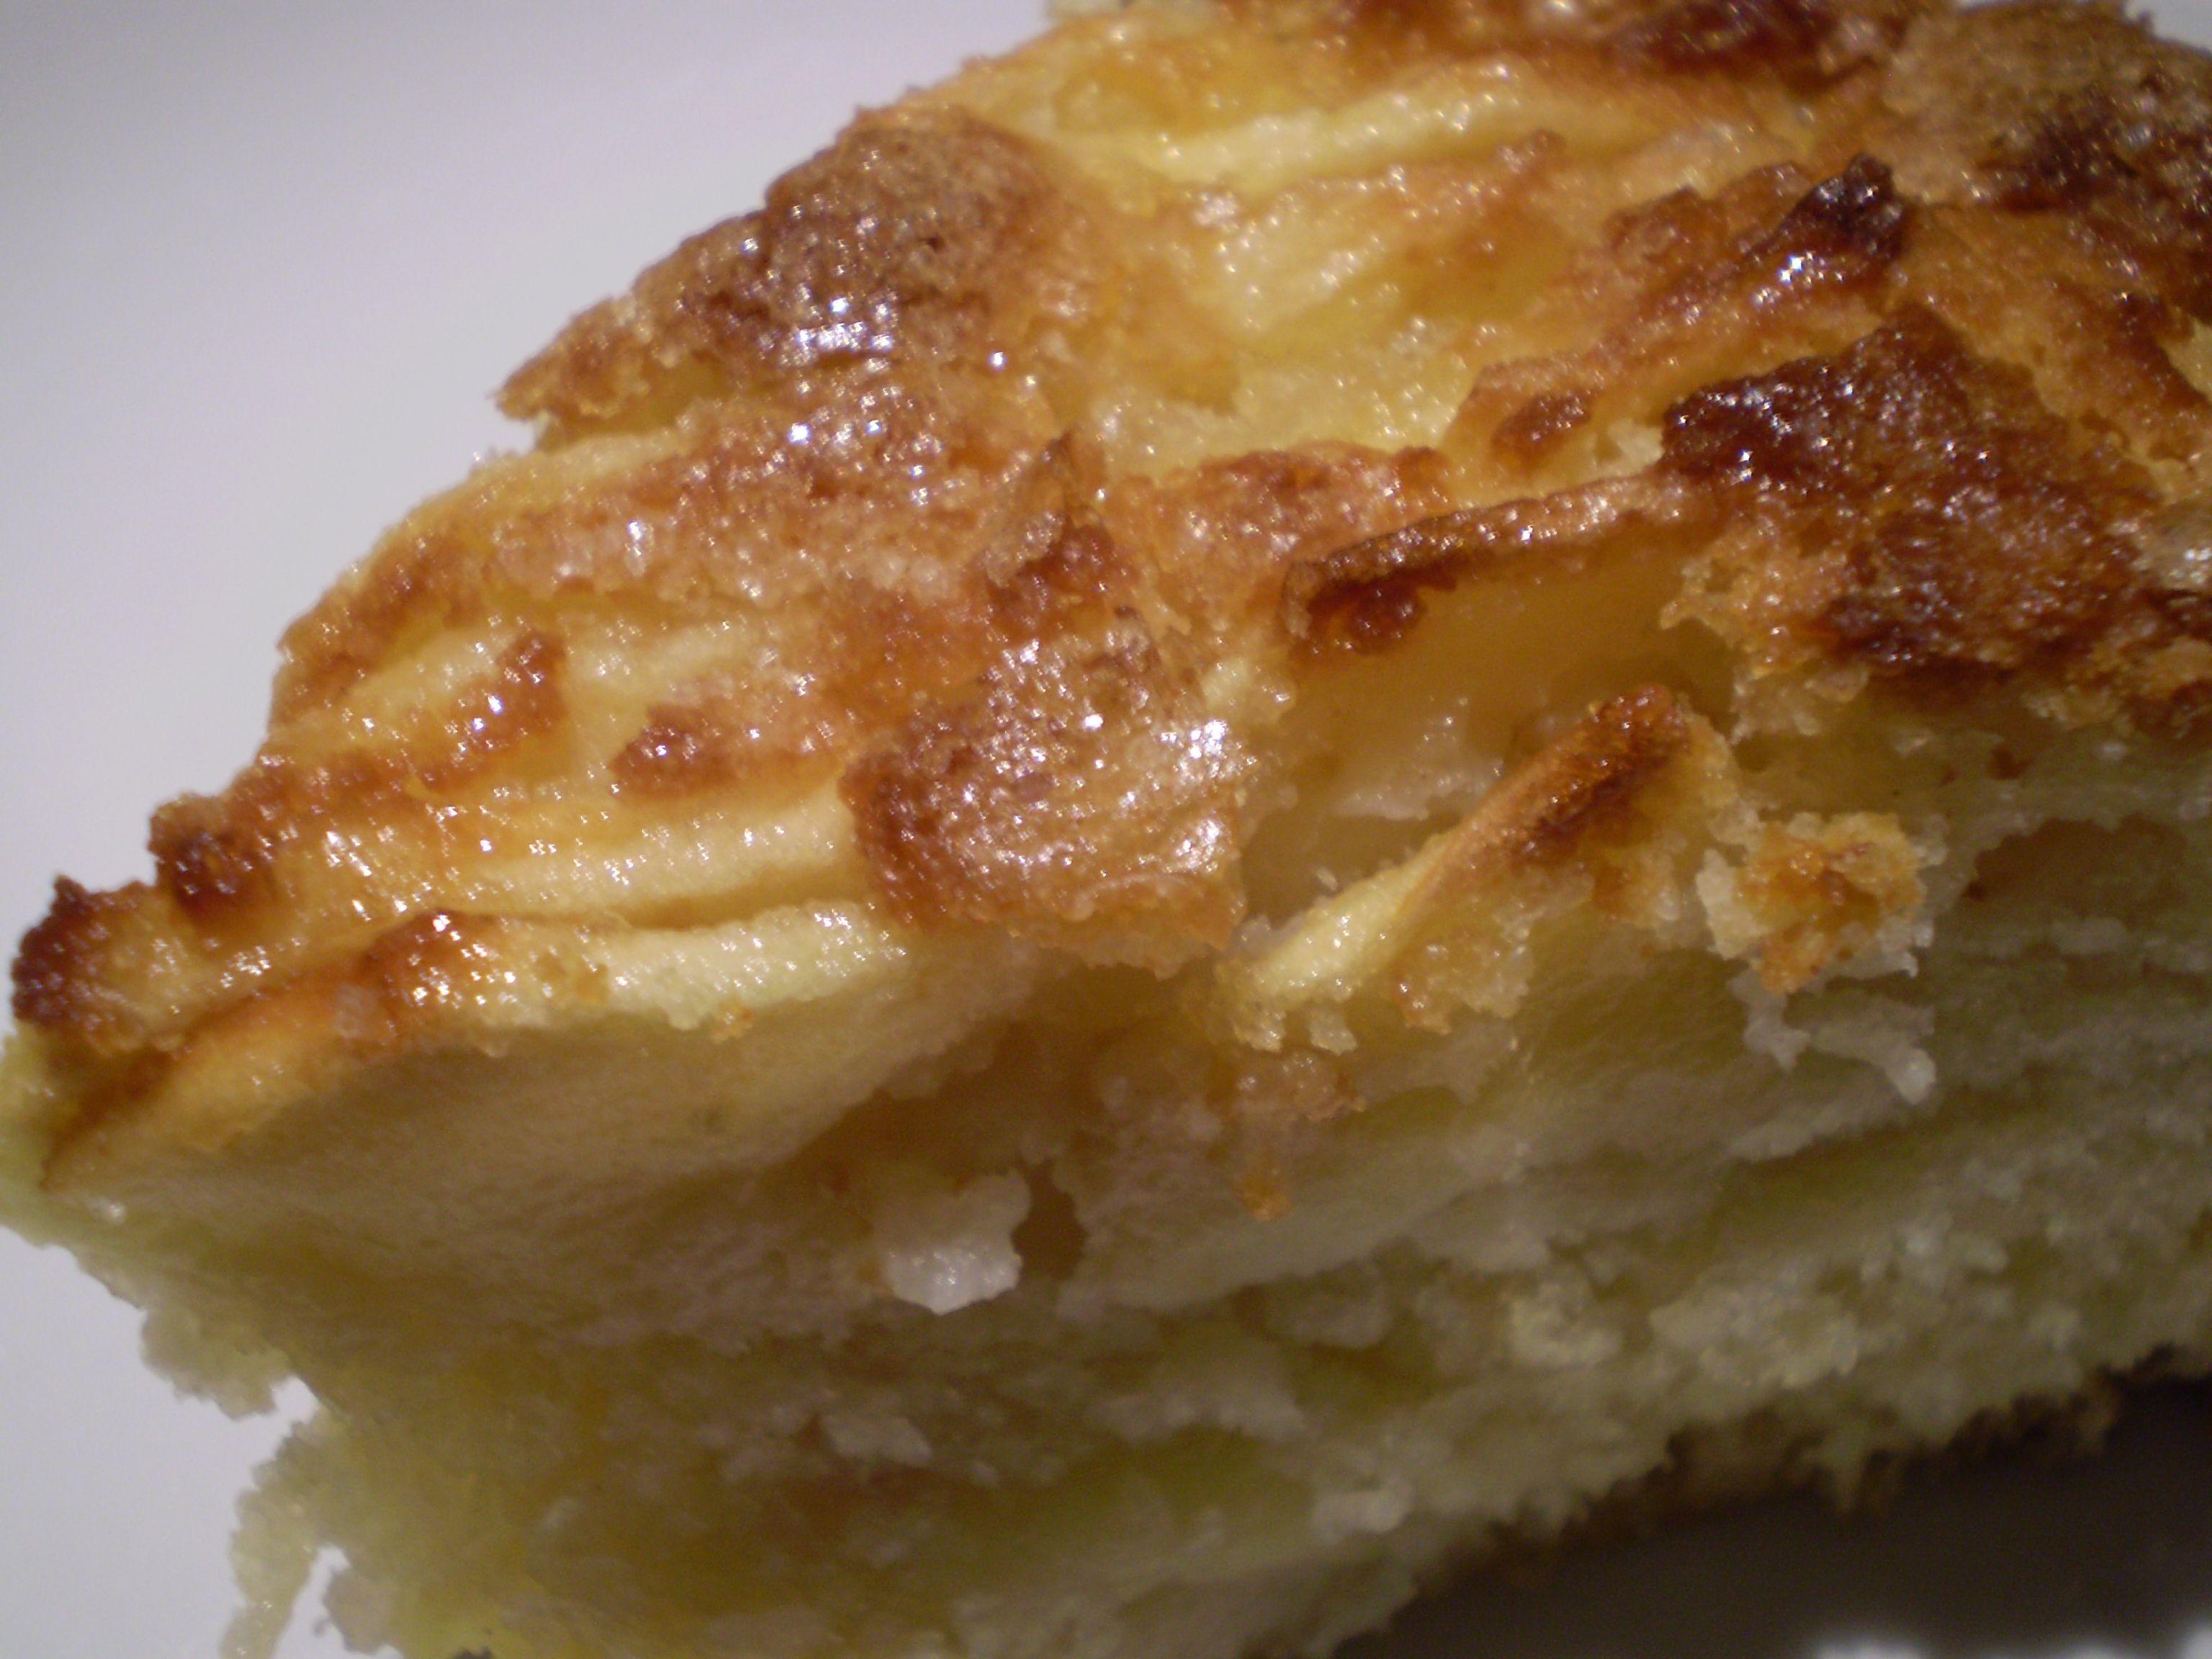 b4d75cb45d4afb7368fee170b12e225d - Ricette Torte Salate Benedetta Parodi